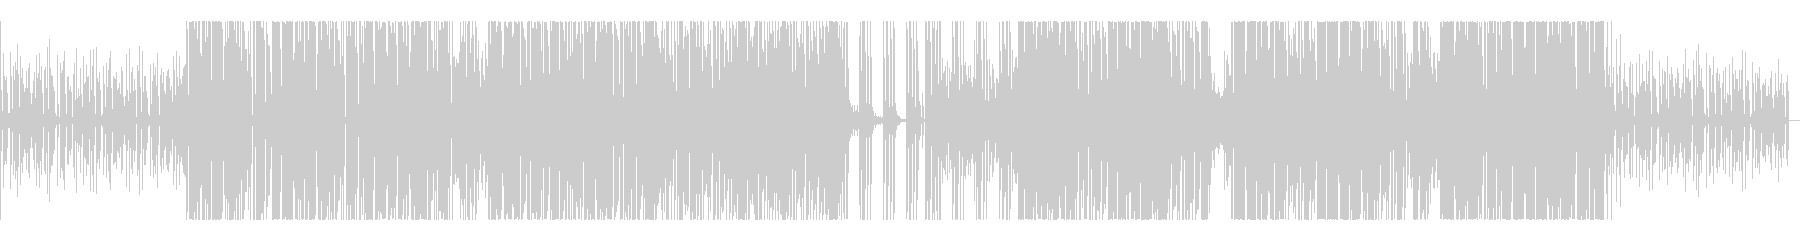 デジタル・ラティーノ・エレクトロの未再生の波形